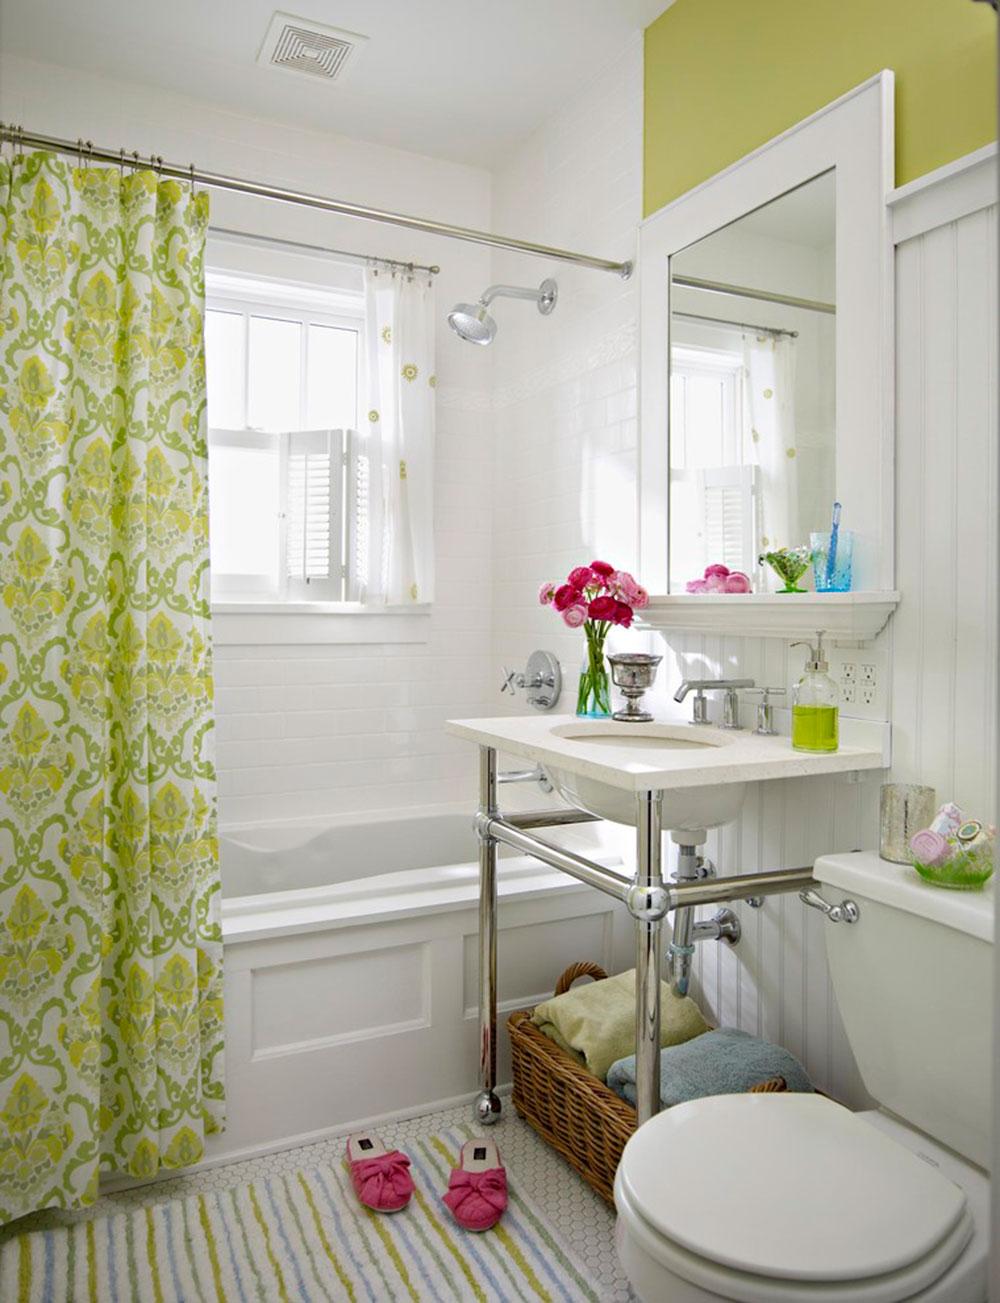 Förbättra ditt badrumsutseende med trendiga duschdraperier 6 trendiga duschdraperier för ditt badrum